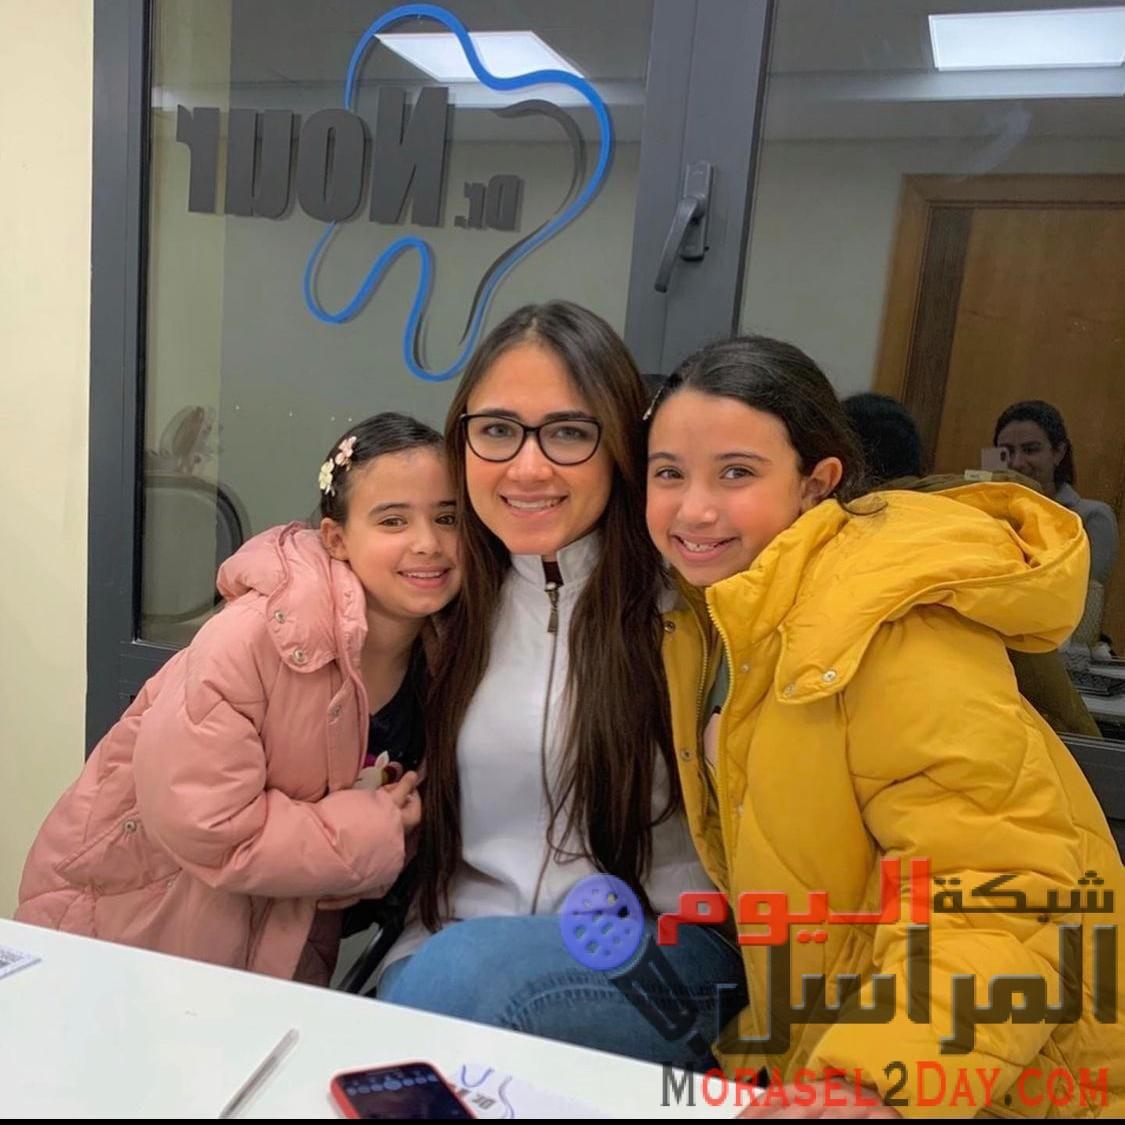 """منة حافظ: """"الفينير"""" أسهل الطرق للحصول على إبتسامة جميلة"""